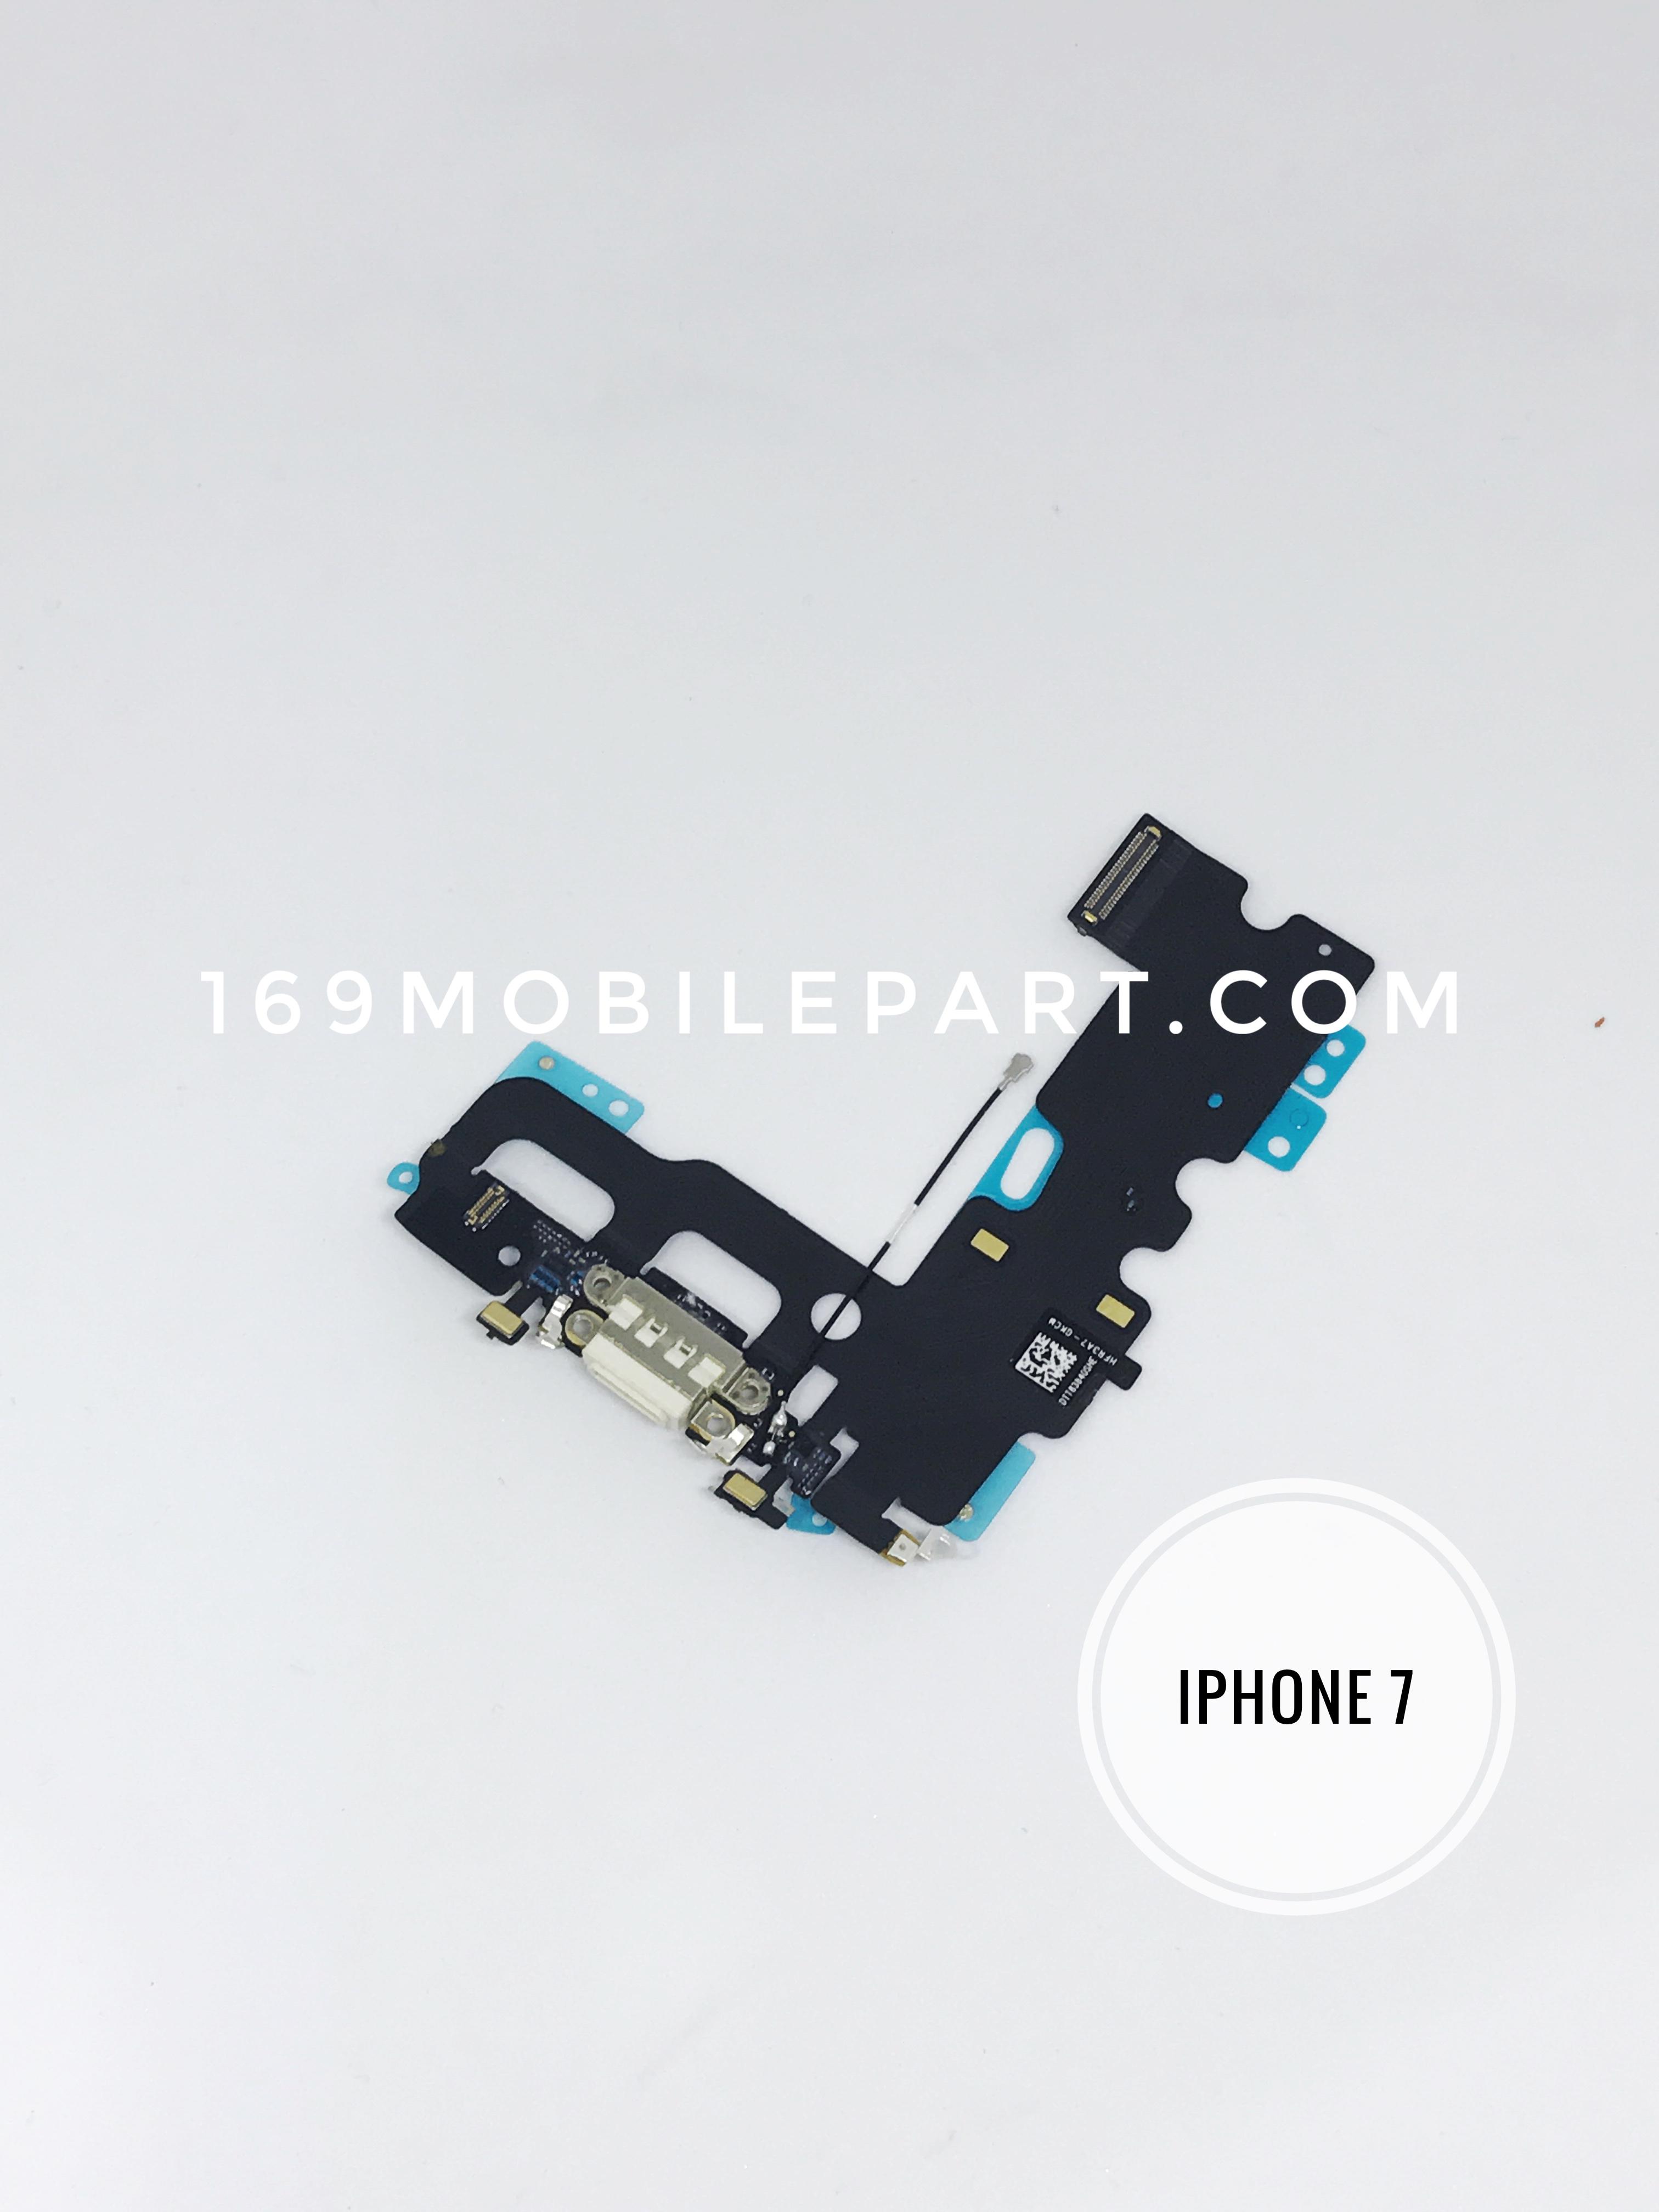 แพร USB + Mic (ตูดชารจ์) ไอโฟน 7 สีขาว (สำหรับเครื่องสีขาว,ทอง,ชมพู)